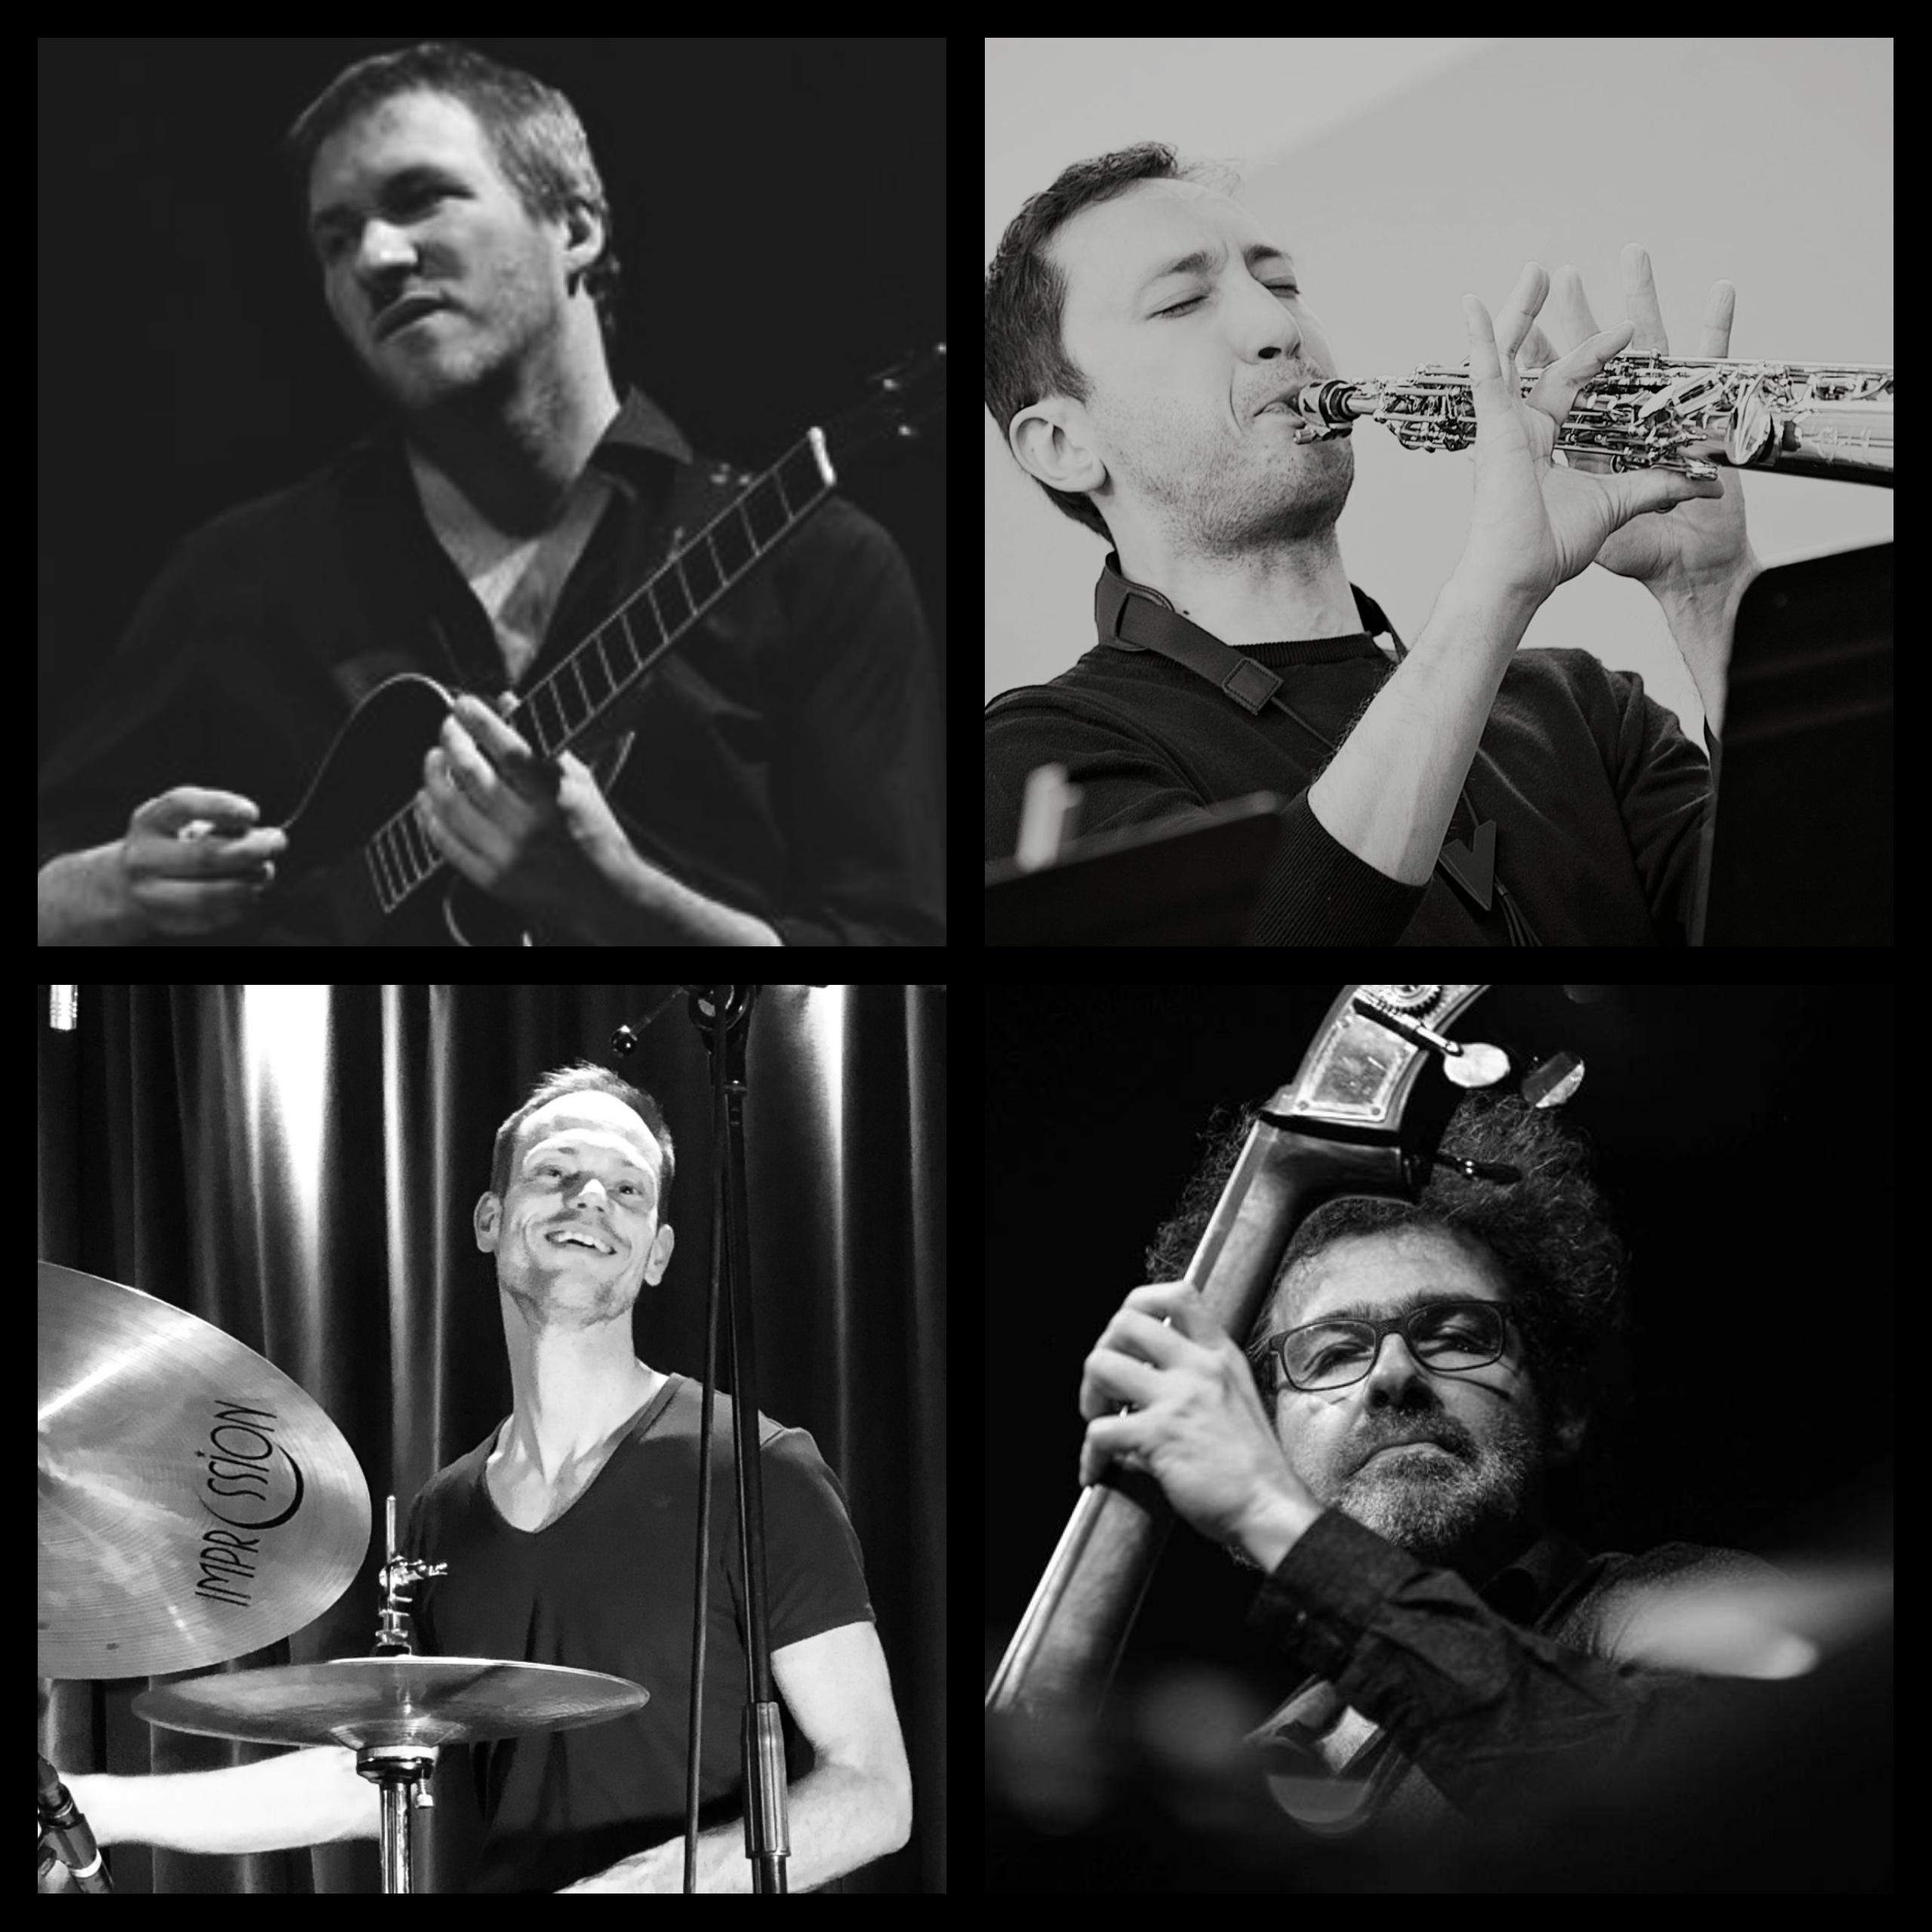 Antoine Duhem trio + Meet